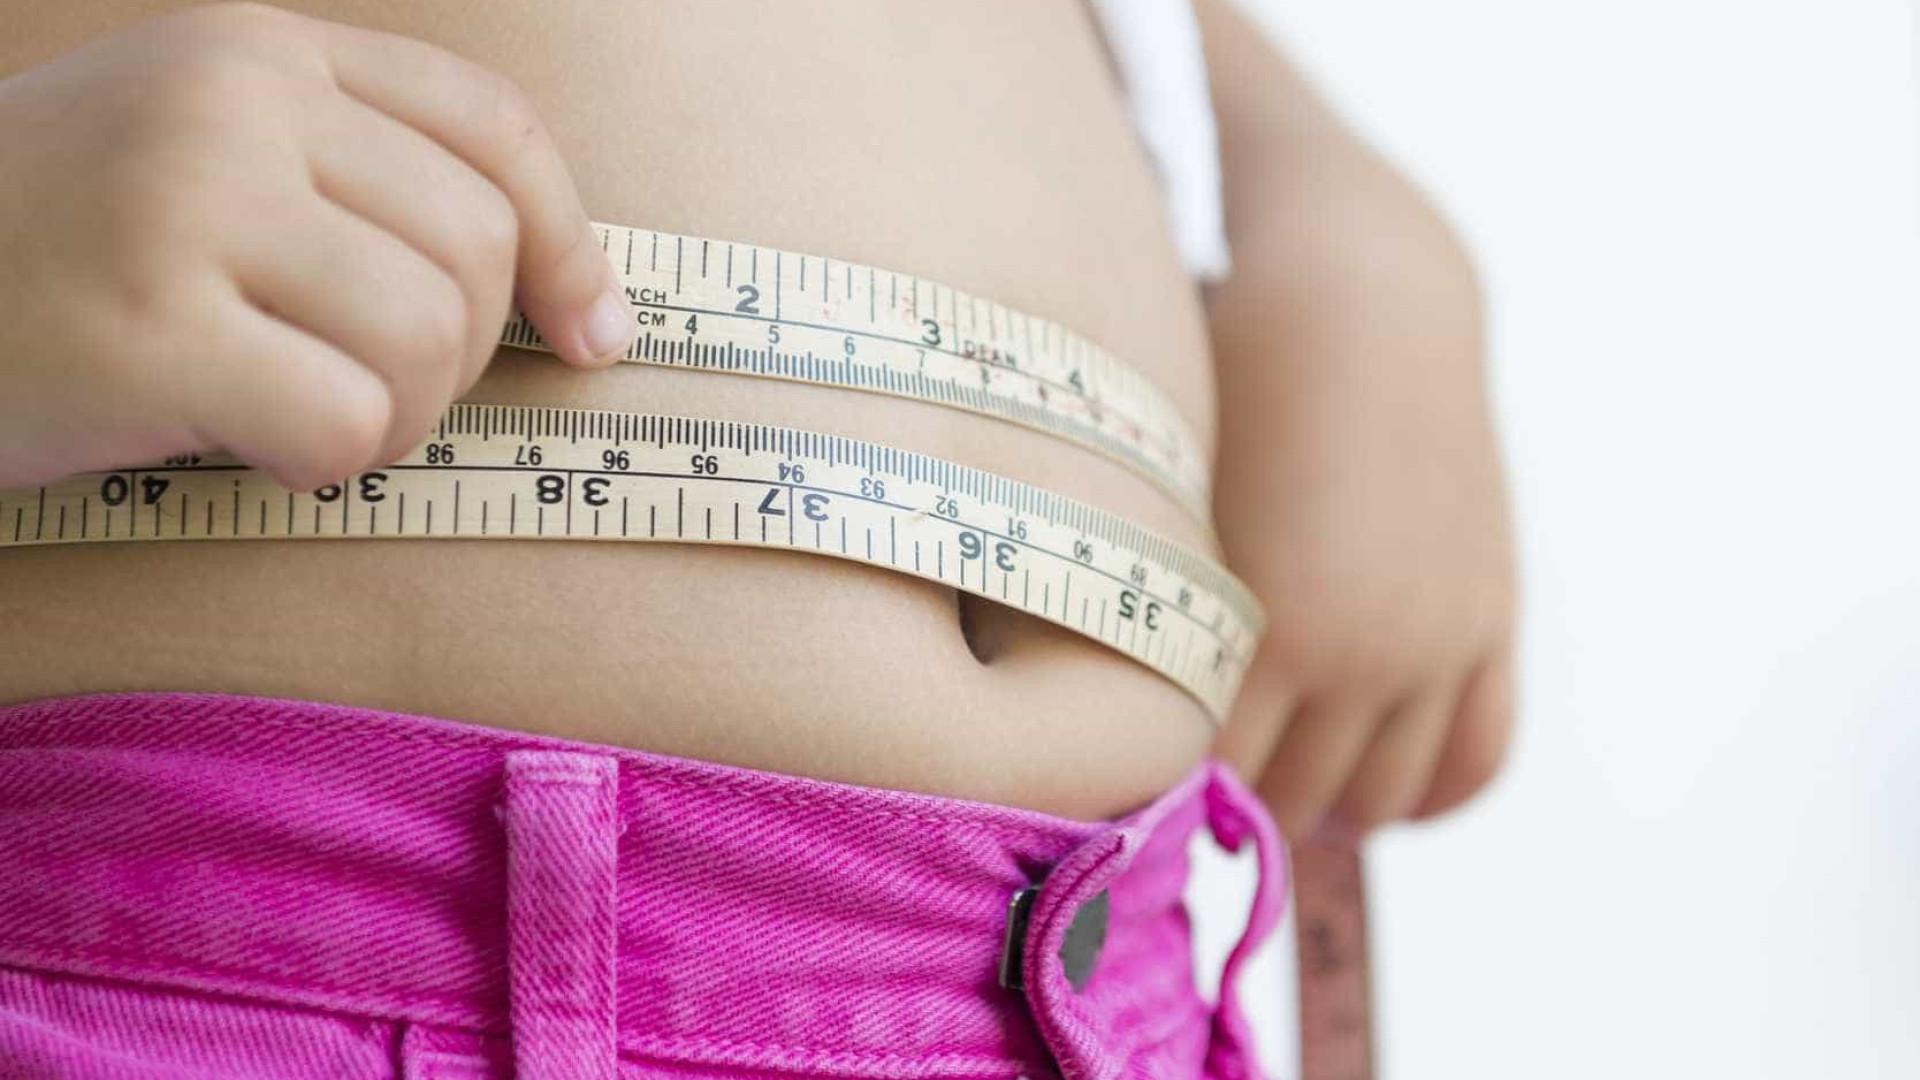 Jovens obesos aumentam risco de cancro do cólon